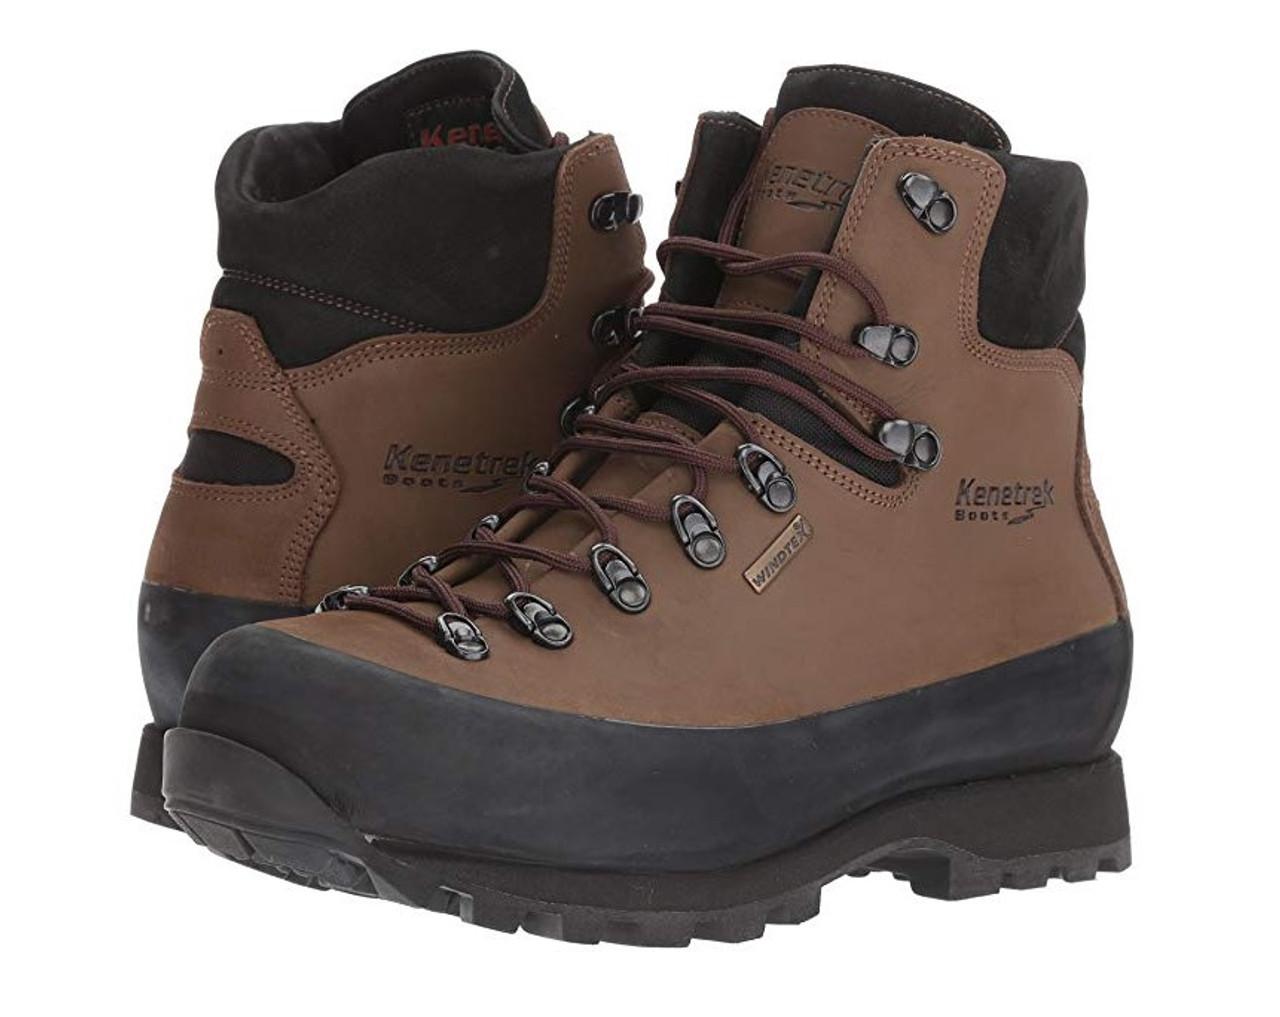 125646340f1 KENETREK Hardscrabble Hiker Boots (KE-420-HK)